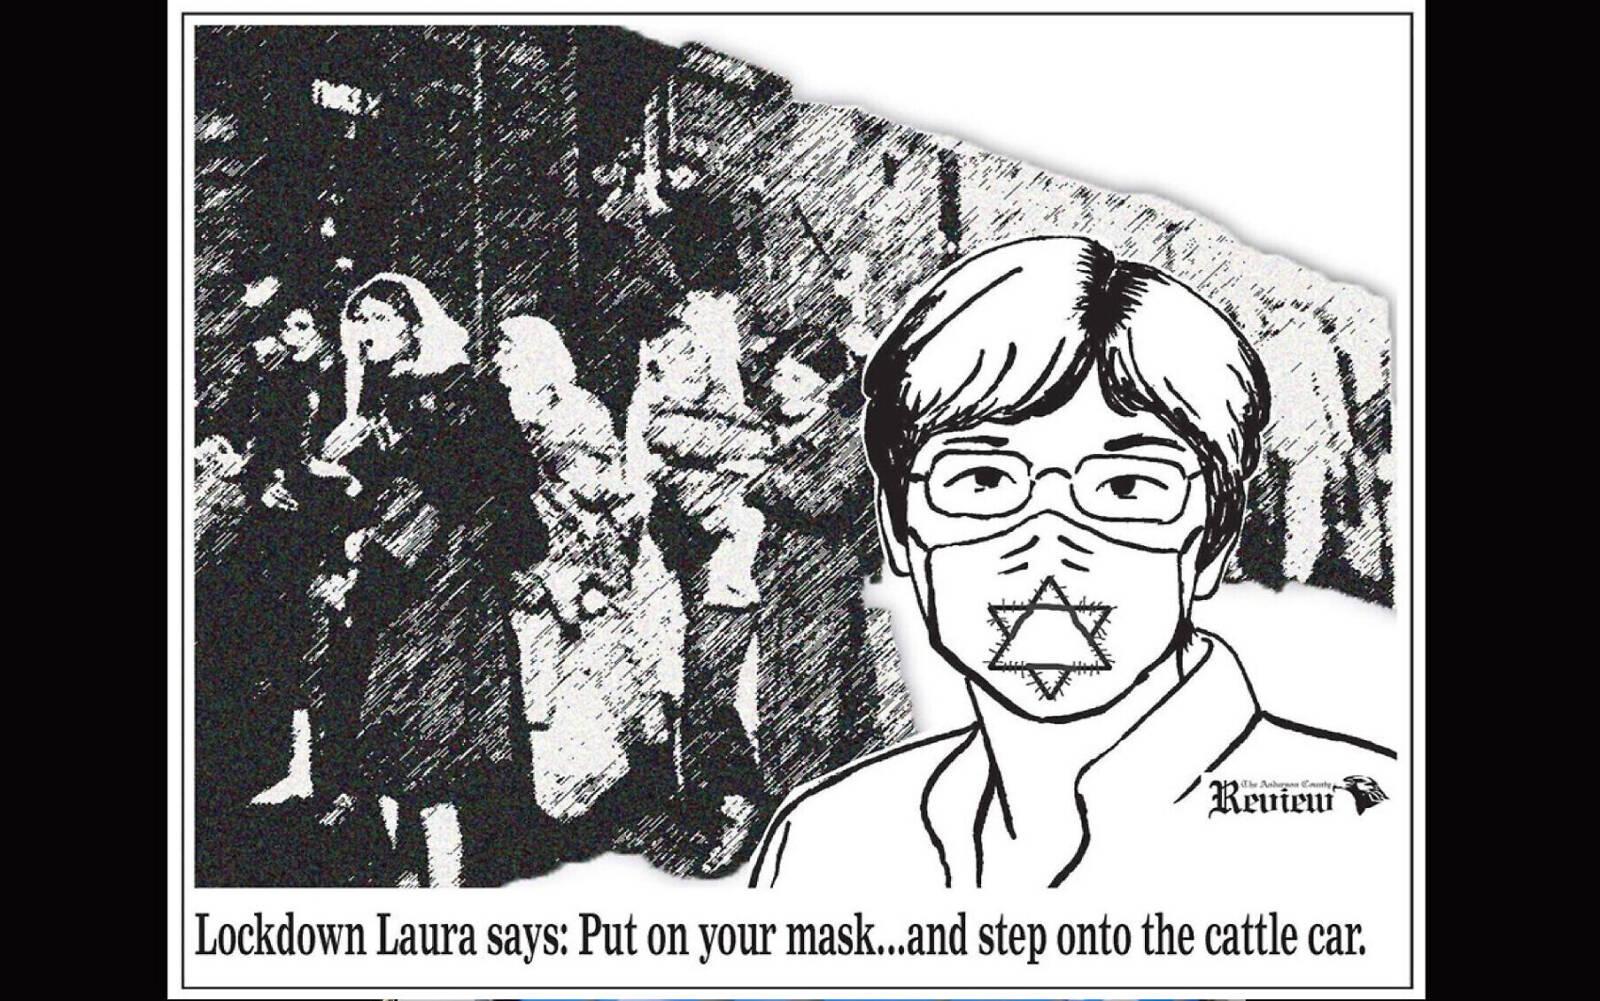 A holokauszthoz hasonlította egy kansasi lap a kormányzó maszkviselési rendeletét